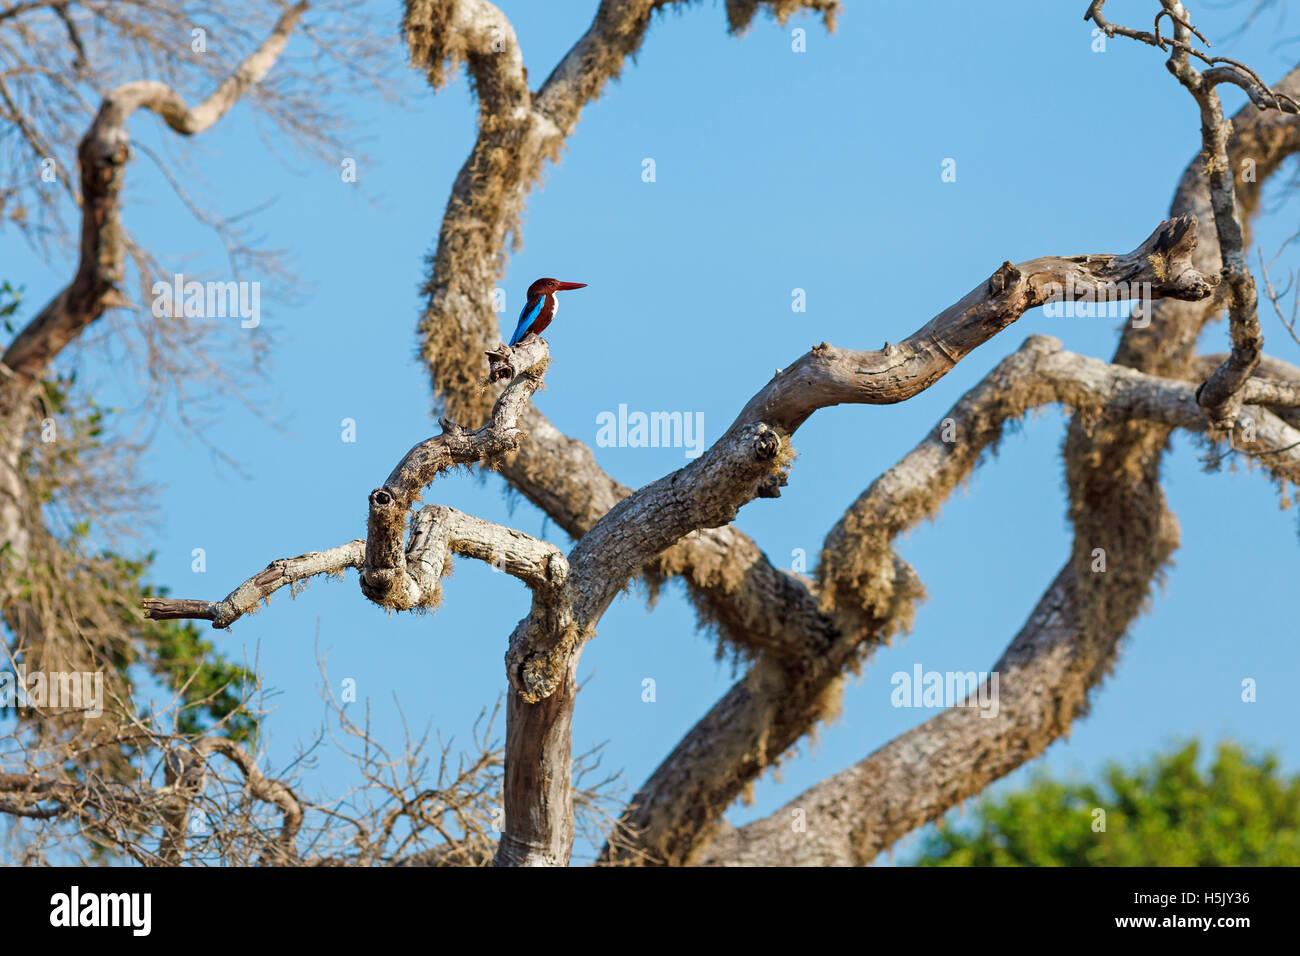 White-throated Kingfisher sitting on tree against blue sky, Yala National Park, Sri Lanka - Stock Image